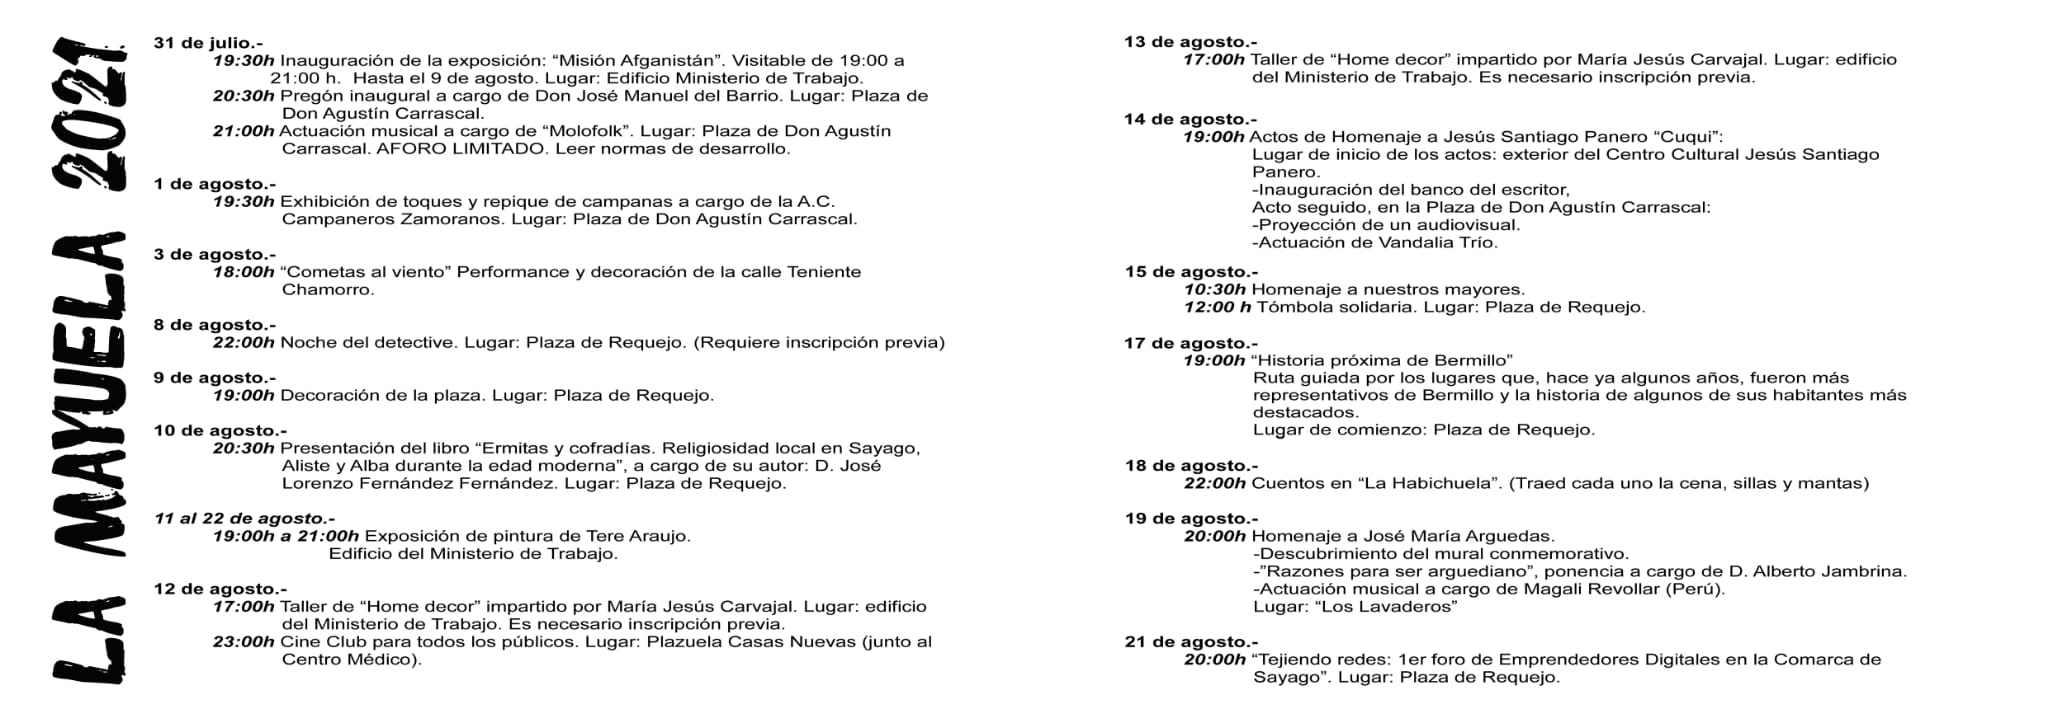 LaMayuela hace público el programa de actividades